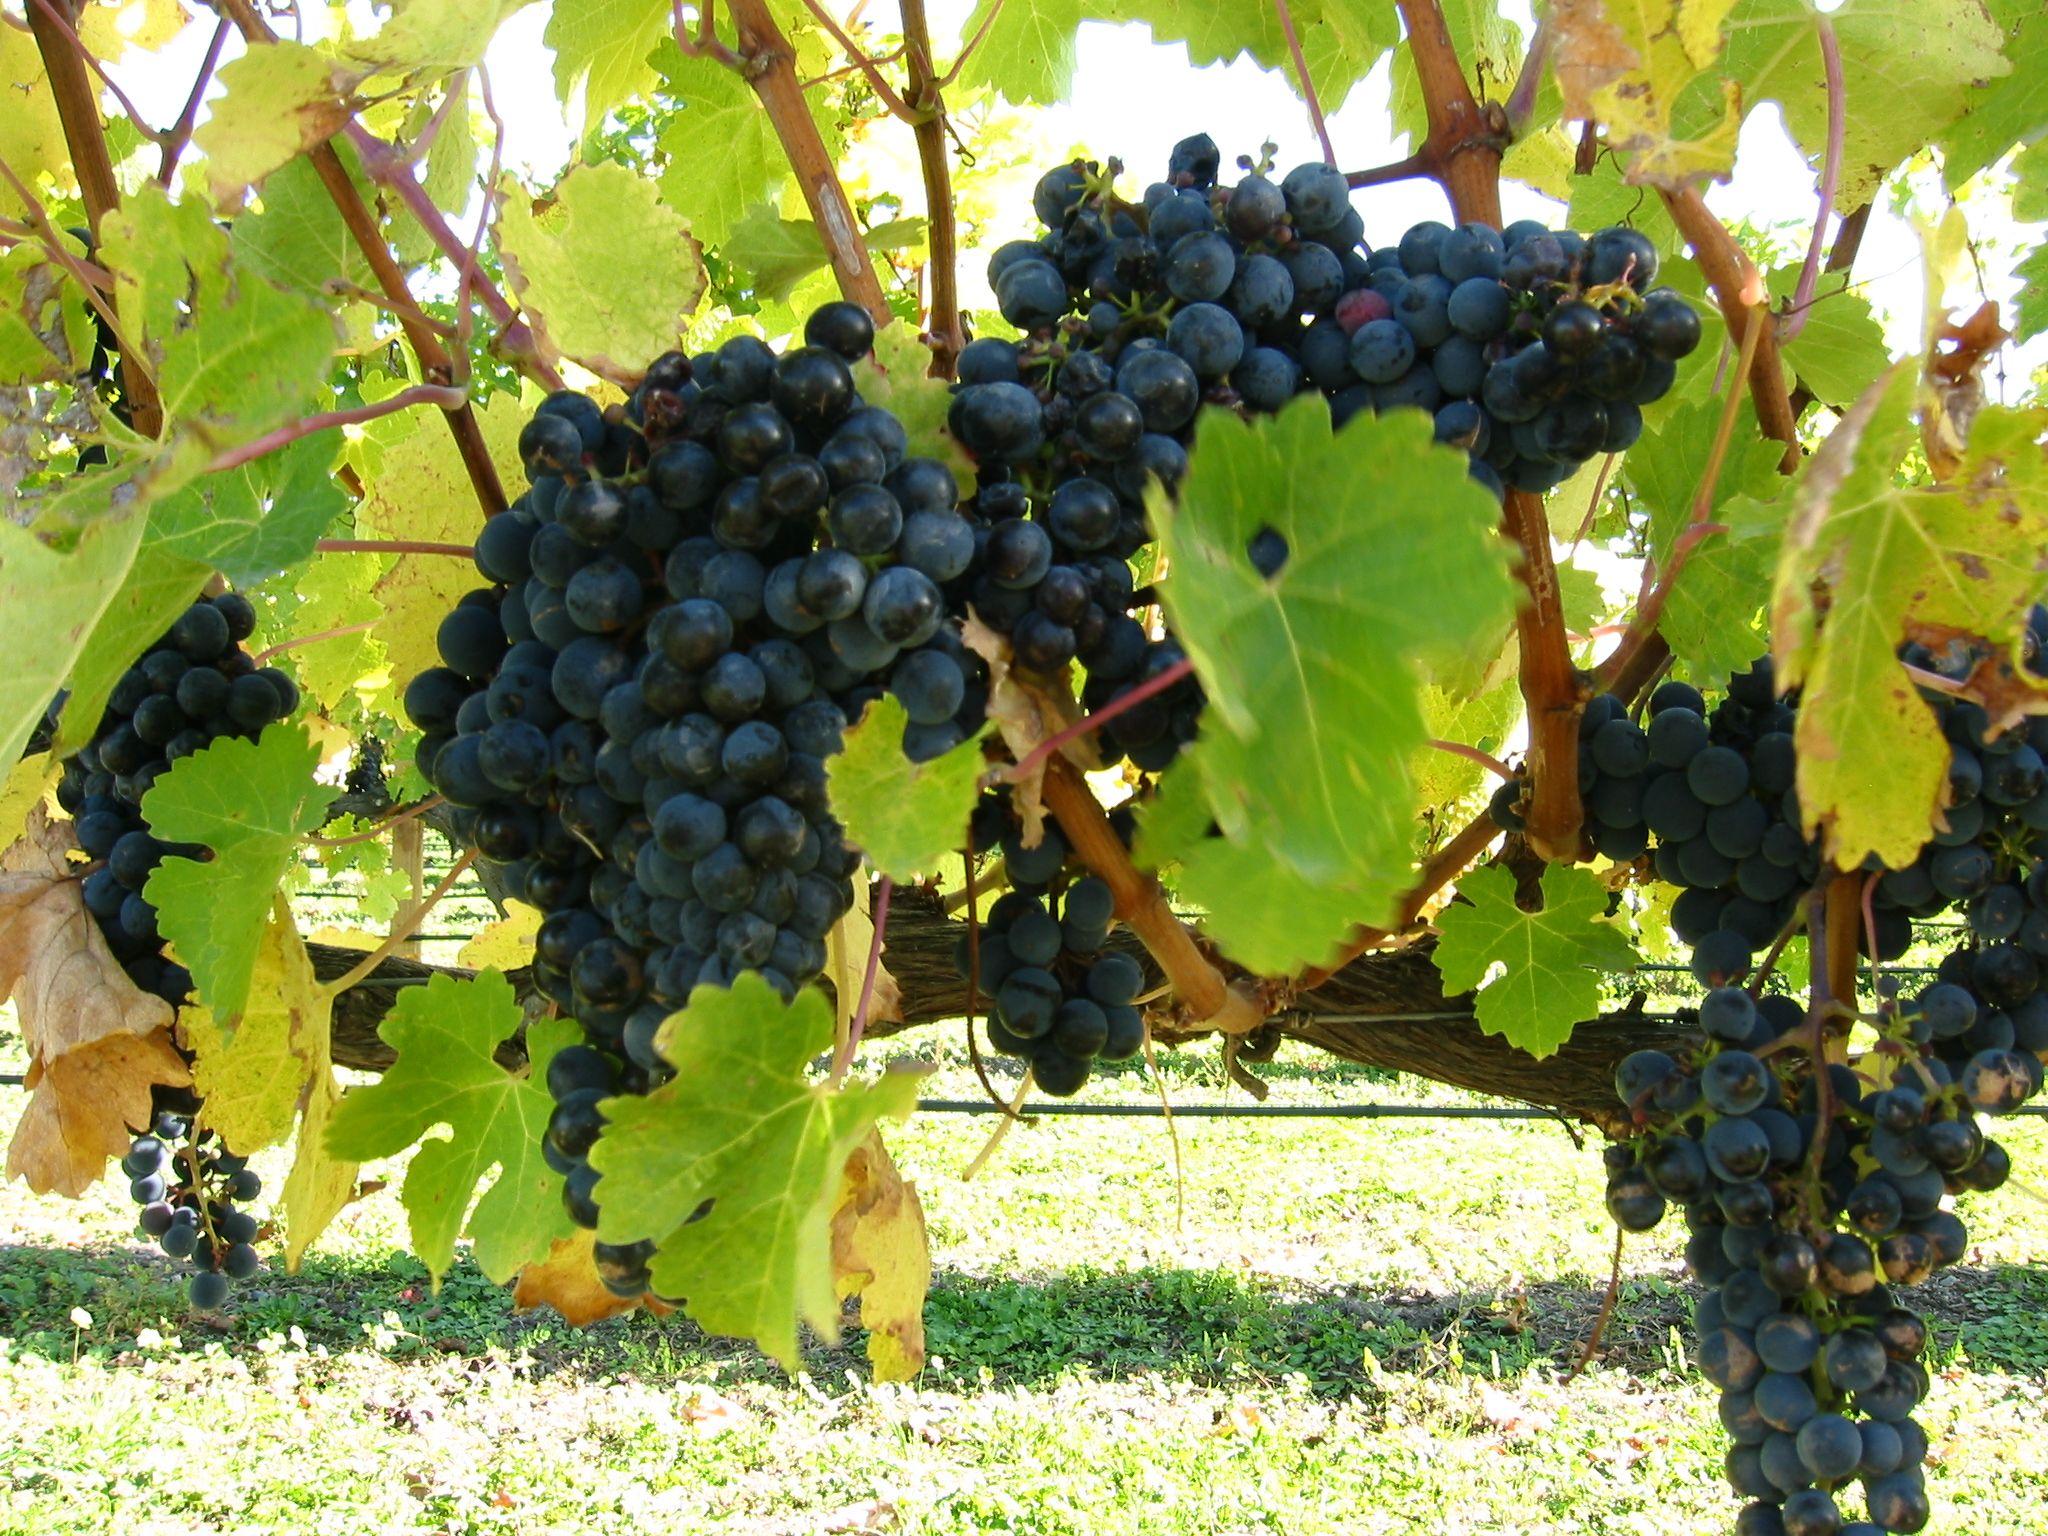 In Den Letzten 20 Jahren Ist Die Zahl Der Anbauflachen Fur Wein In